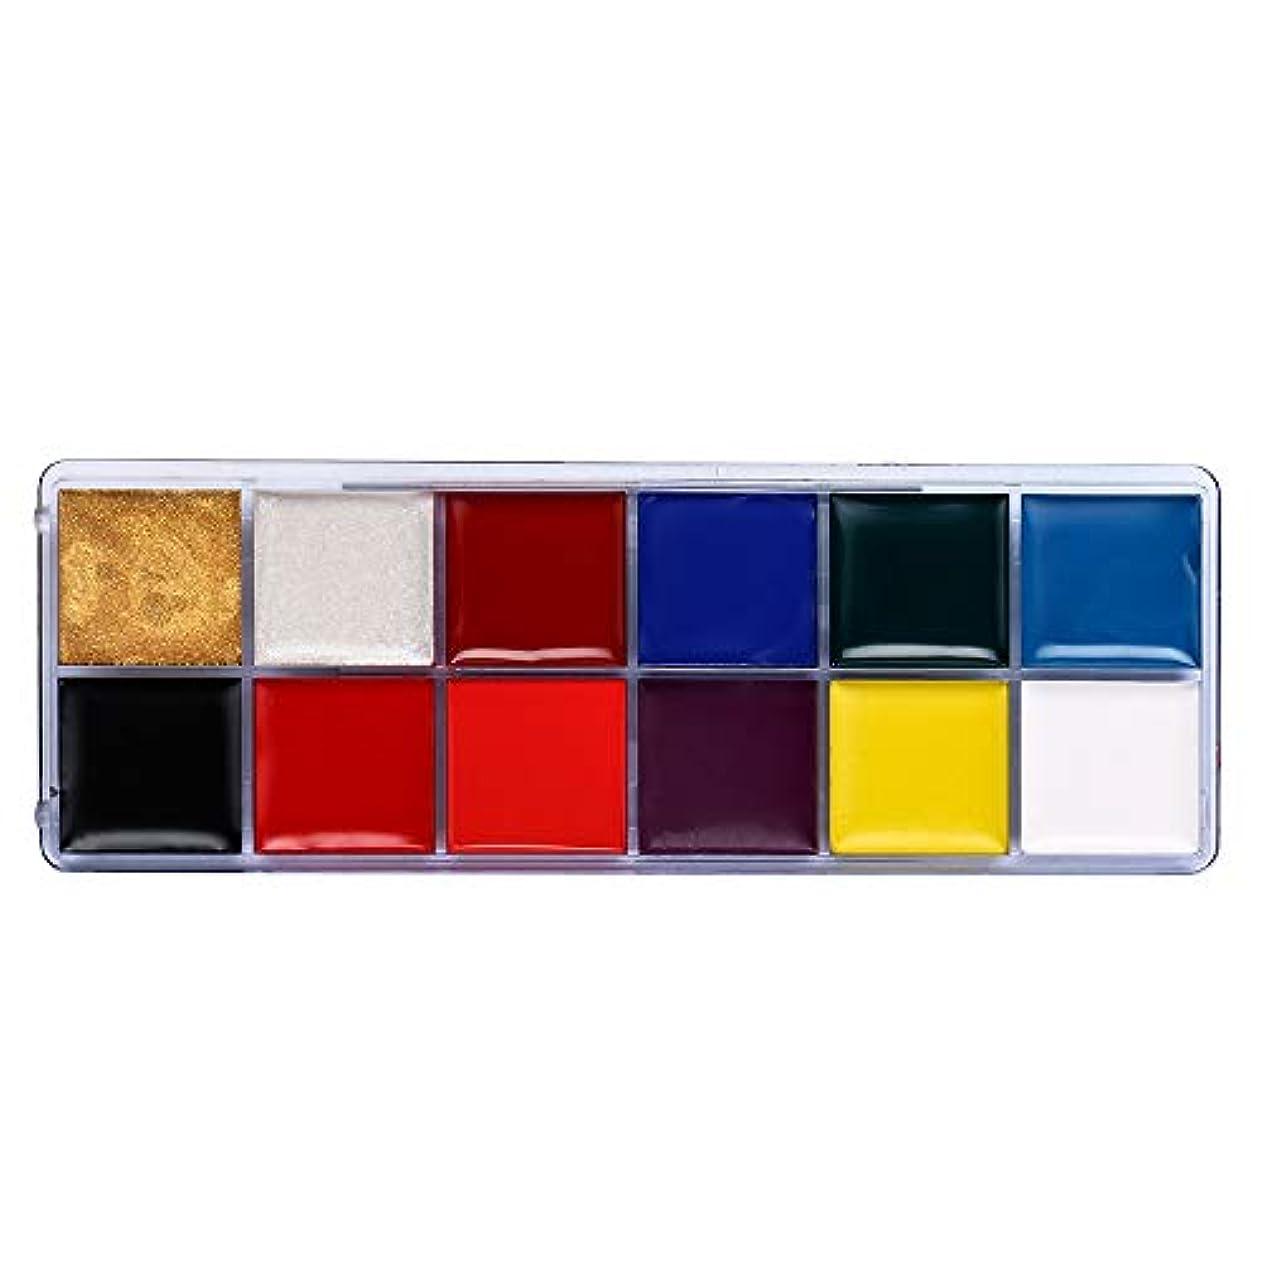 ブランク危険にさらされている観察する12色ボディ塗装オイルカラードラマピエロハロウィンメイクアップフェイスカラー